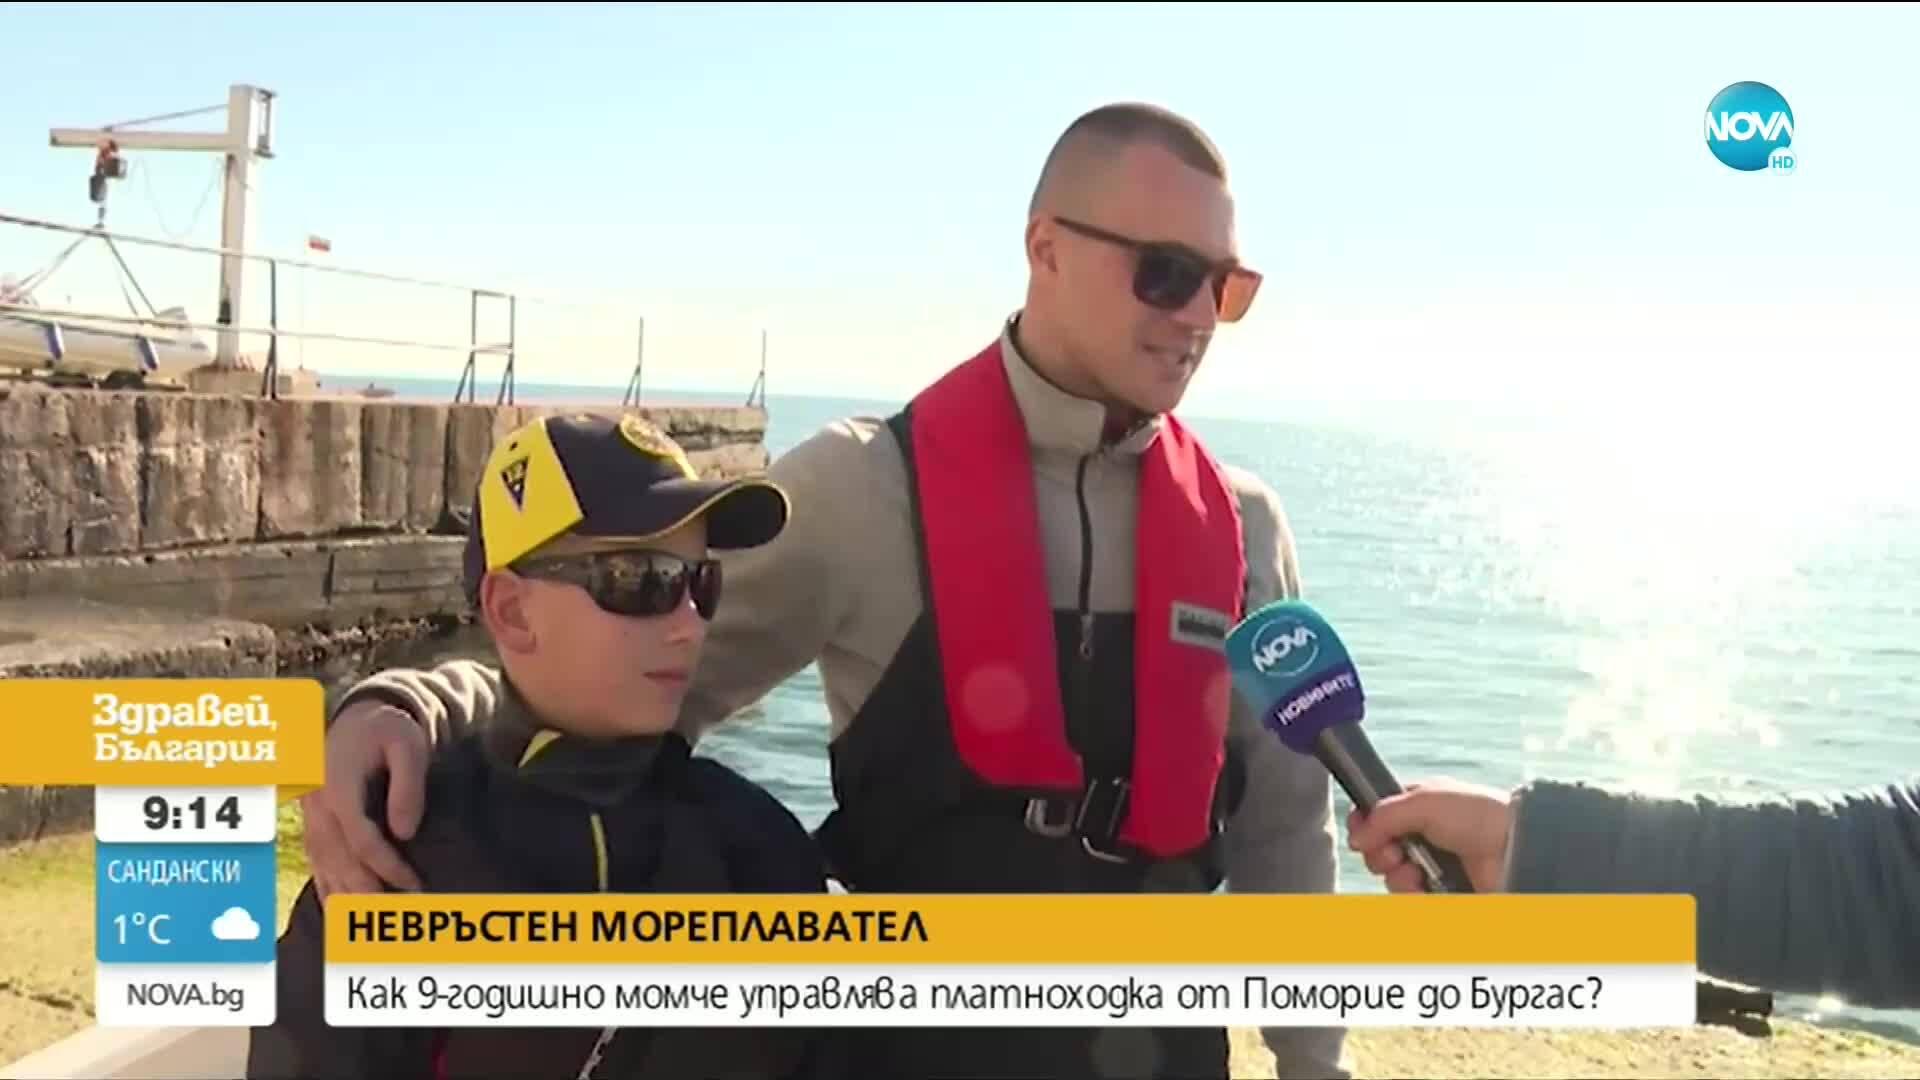 ЕКСТРЕМНО КЪПАНЕ ПРЕЗ ЗИМАТА: Деветгодишен се калява в морето